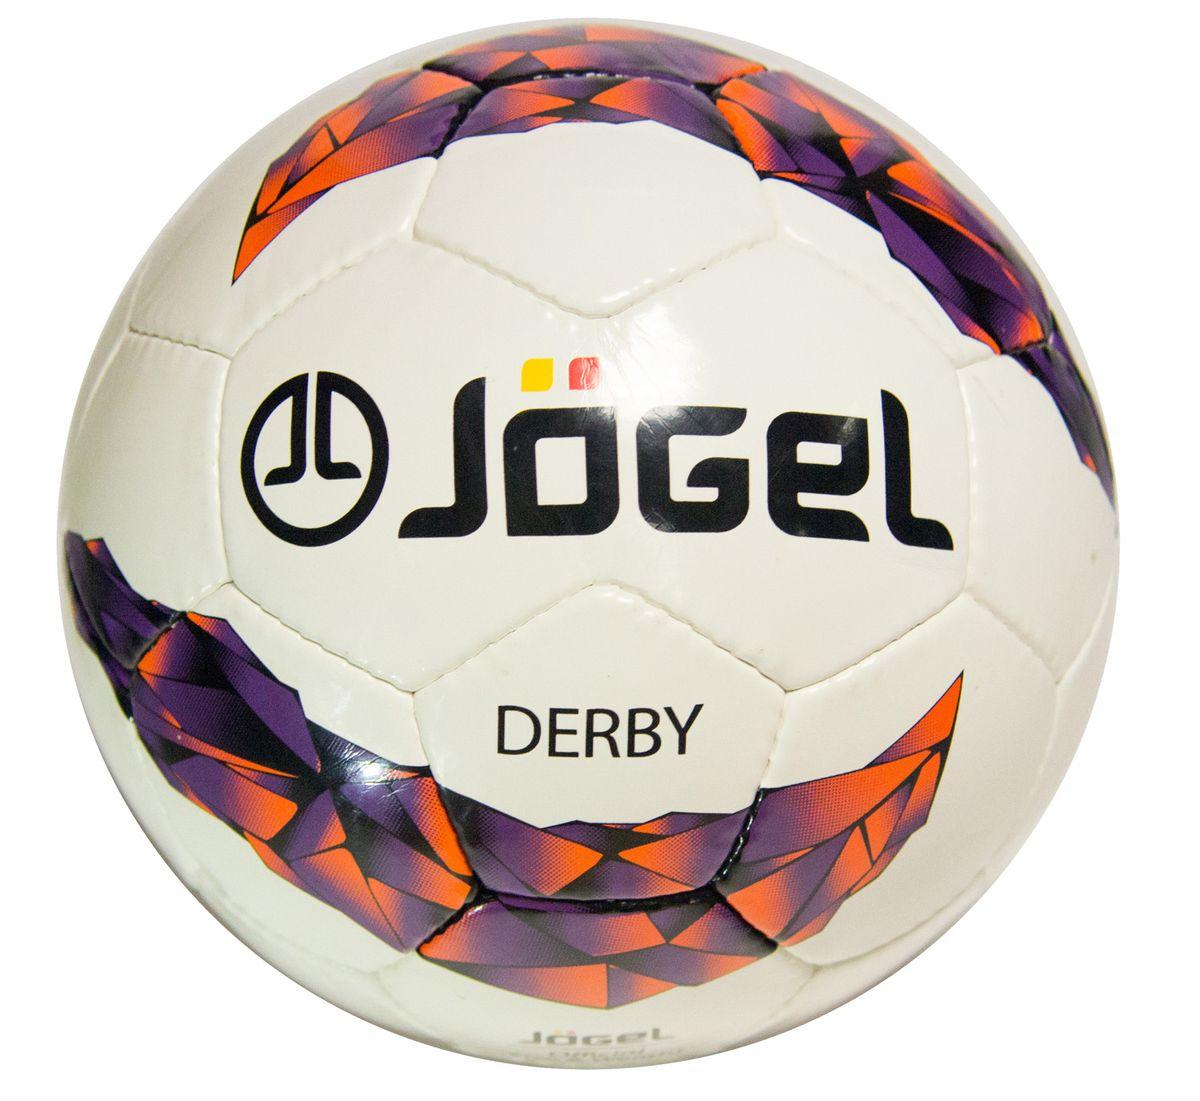 Мяч футбольный Jogel Derby, цвет: белый, сиреневый, оранжевый, черный. Размер 4. JS-500УТ-00009475Название: Мяч футбольный Jgel JS-500 Derby №4 Категория: Тренировочный мяч Коллекция: 2016/2017 Описание: Jogel JS-500 Derby классический тренировочный мяч ручной сшивки, один из самых популярных в текущей коллекции Jogel. Его отличительными особенностями являются прекрасные технические характеристики, соответствующие требованиям тренировочного процесса, и разумная цена. Размер №4 предназначается для тренировок детей в возрасте от 8 до 12 лет. Данный мяч рекомендован для тренировок и тренировочных игр клубных и любительских команд. Поверхность мяча выполнена из глянцевой синтетической кожи (полиуретан) толщиной 1,0 мм. Мяч имеет 4 подкладочных слоя на нетканой основе (смесь хлопка с полиэстером) и оснащен латексной камерой с бутиловым ниппелем, обеспечивающим долгое сохранение воздуха в камере. Уникальной особенностью бренда Jogel является традиционная конструкция мячей из 30 панелей. Привлекательный дизайн Коллекции 2016/2017 ярко выделяет мячи Jogel на витрине. Данный мяч подходит...